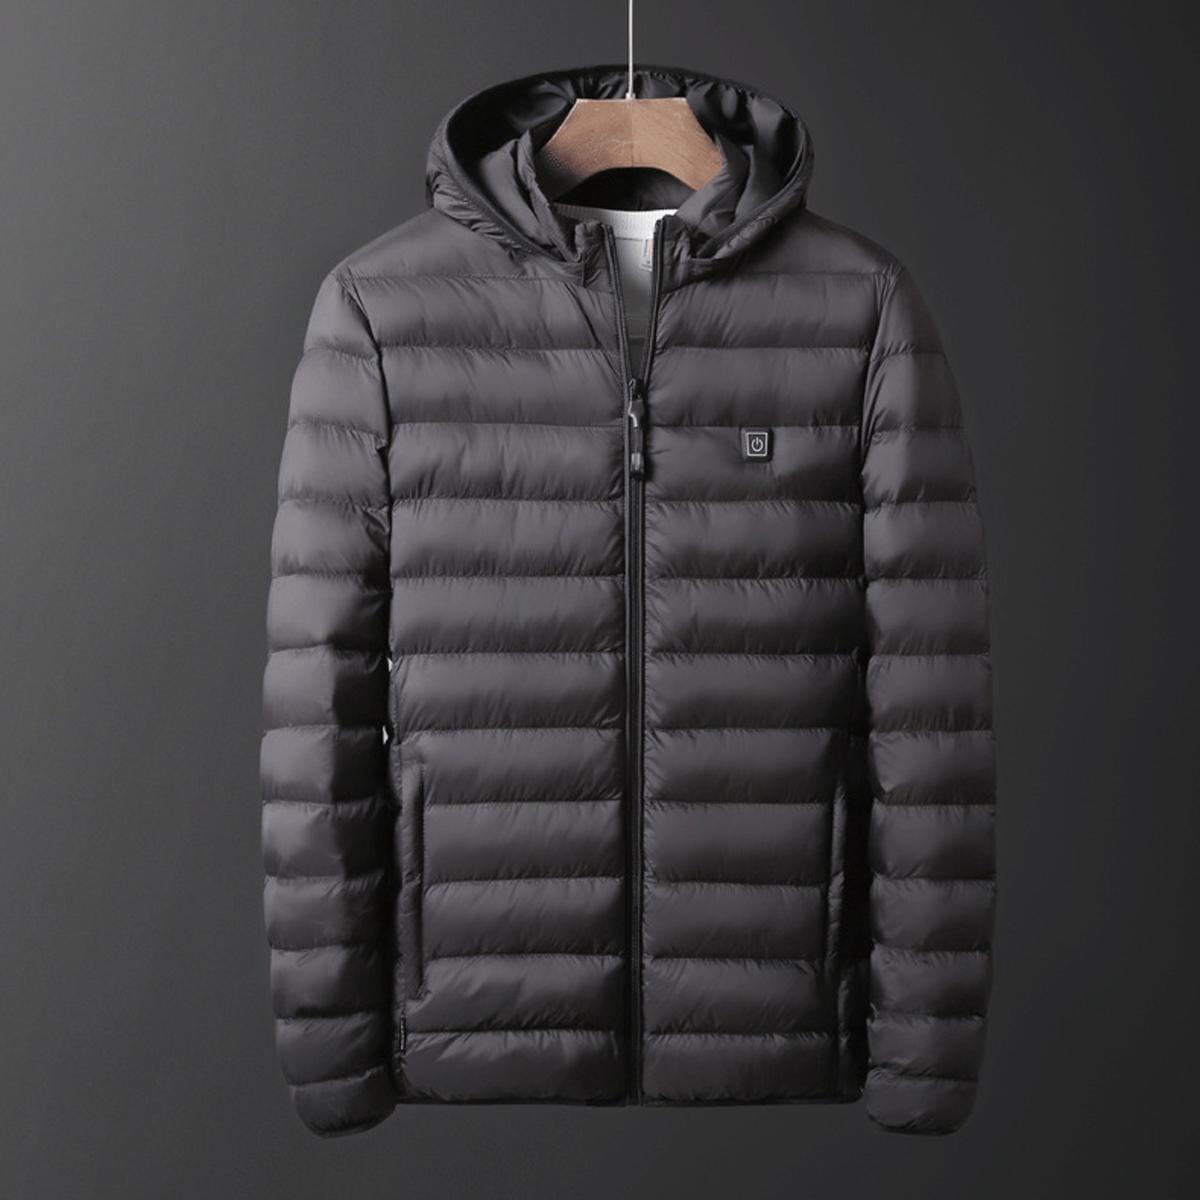 USB Electric Heated Coat Jacket Hood Heating Vest Winter Thermal Waterproof Men